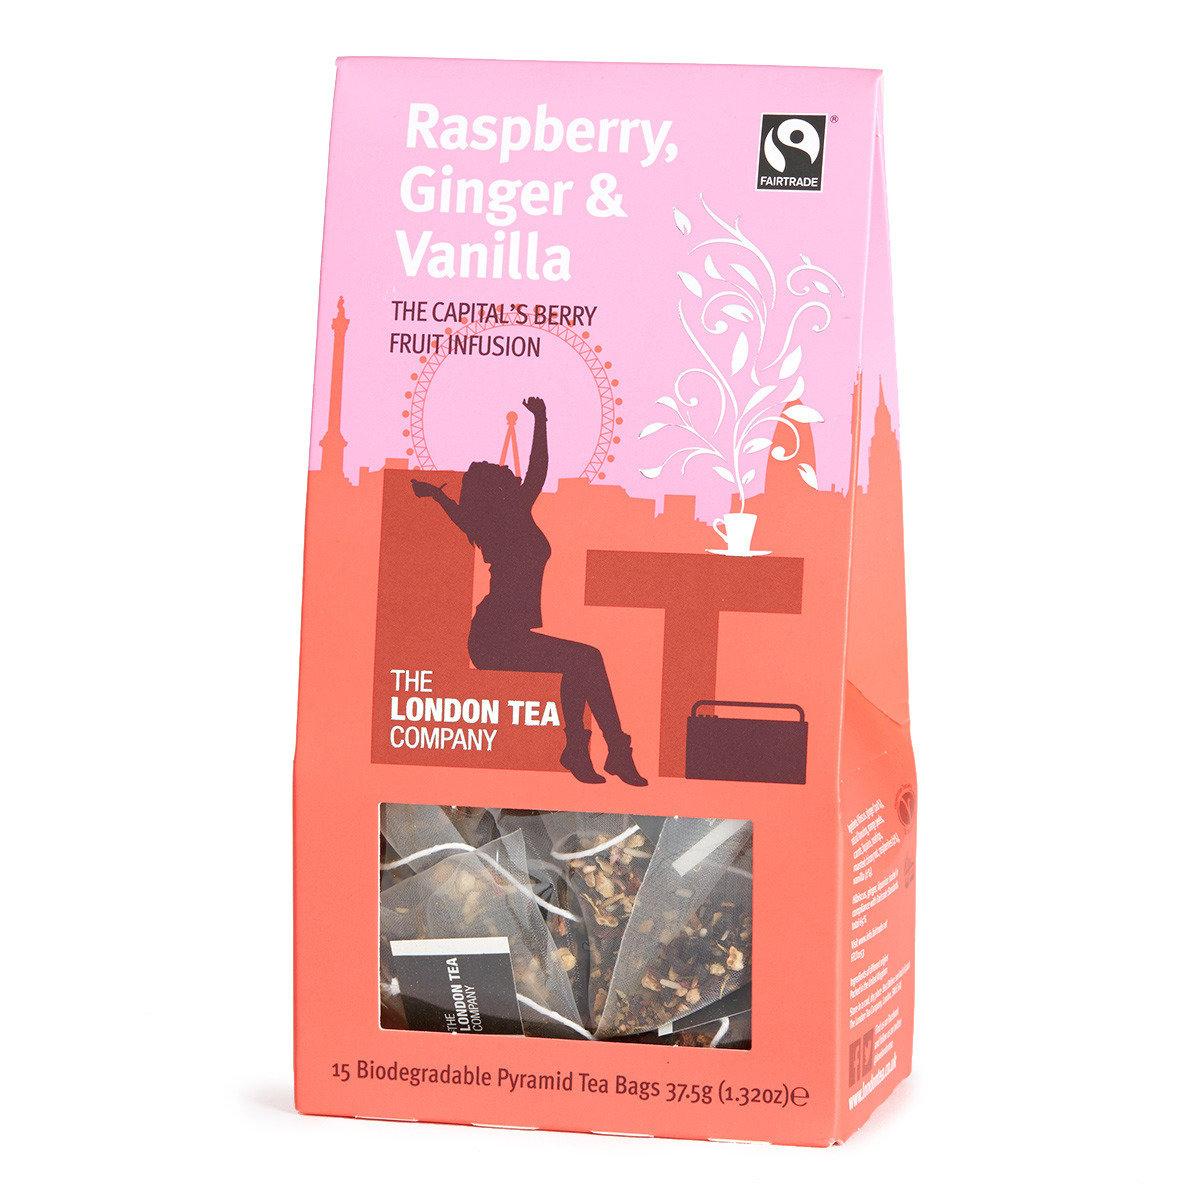 香草薑味山莓茶